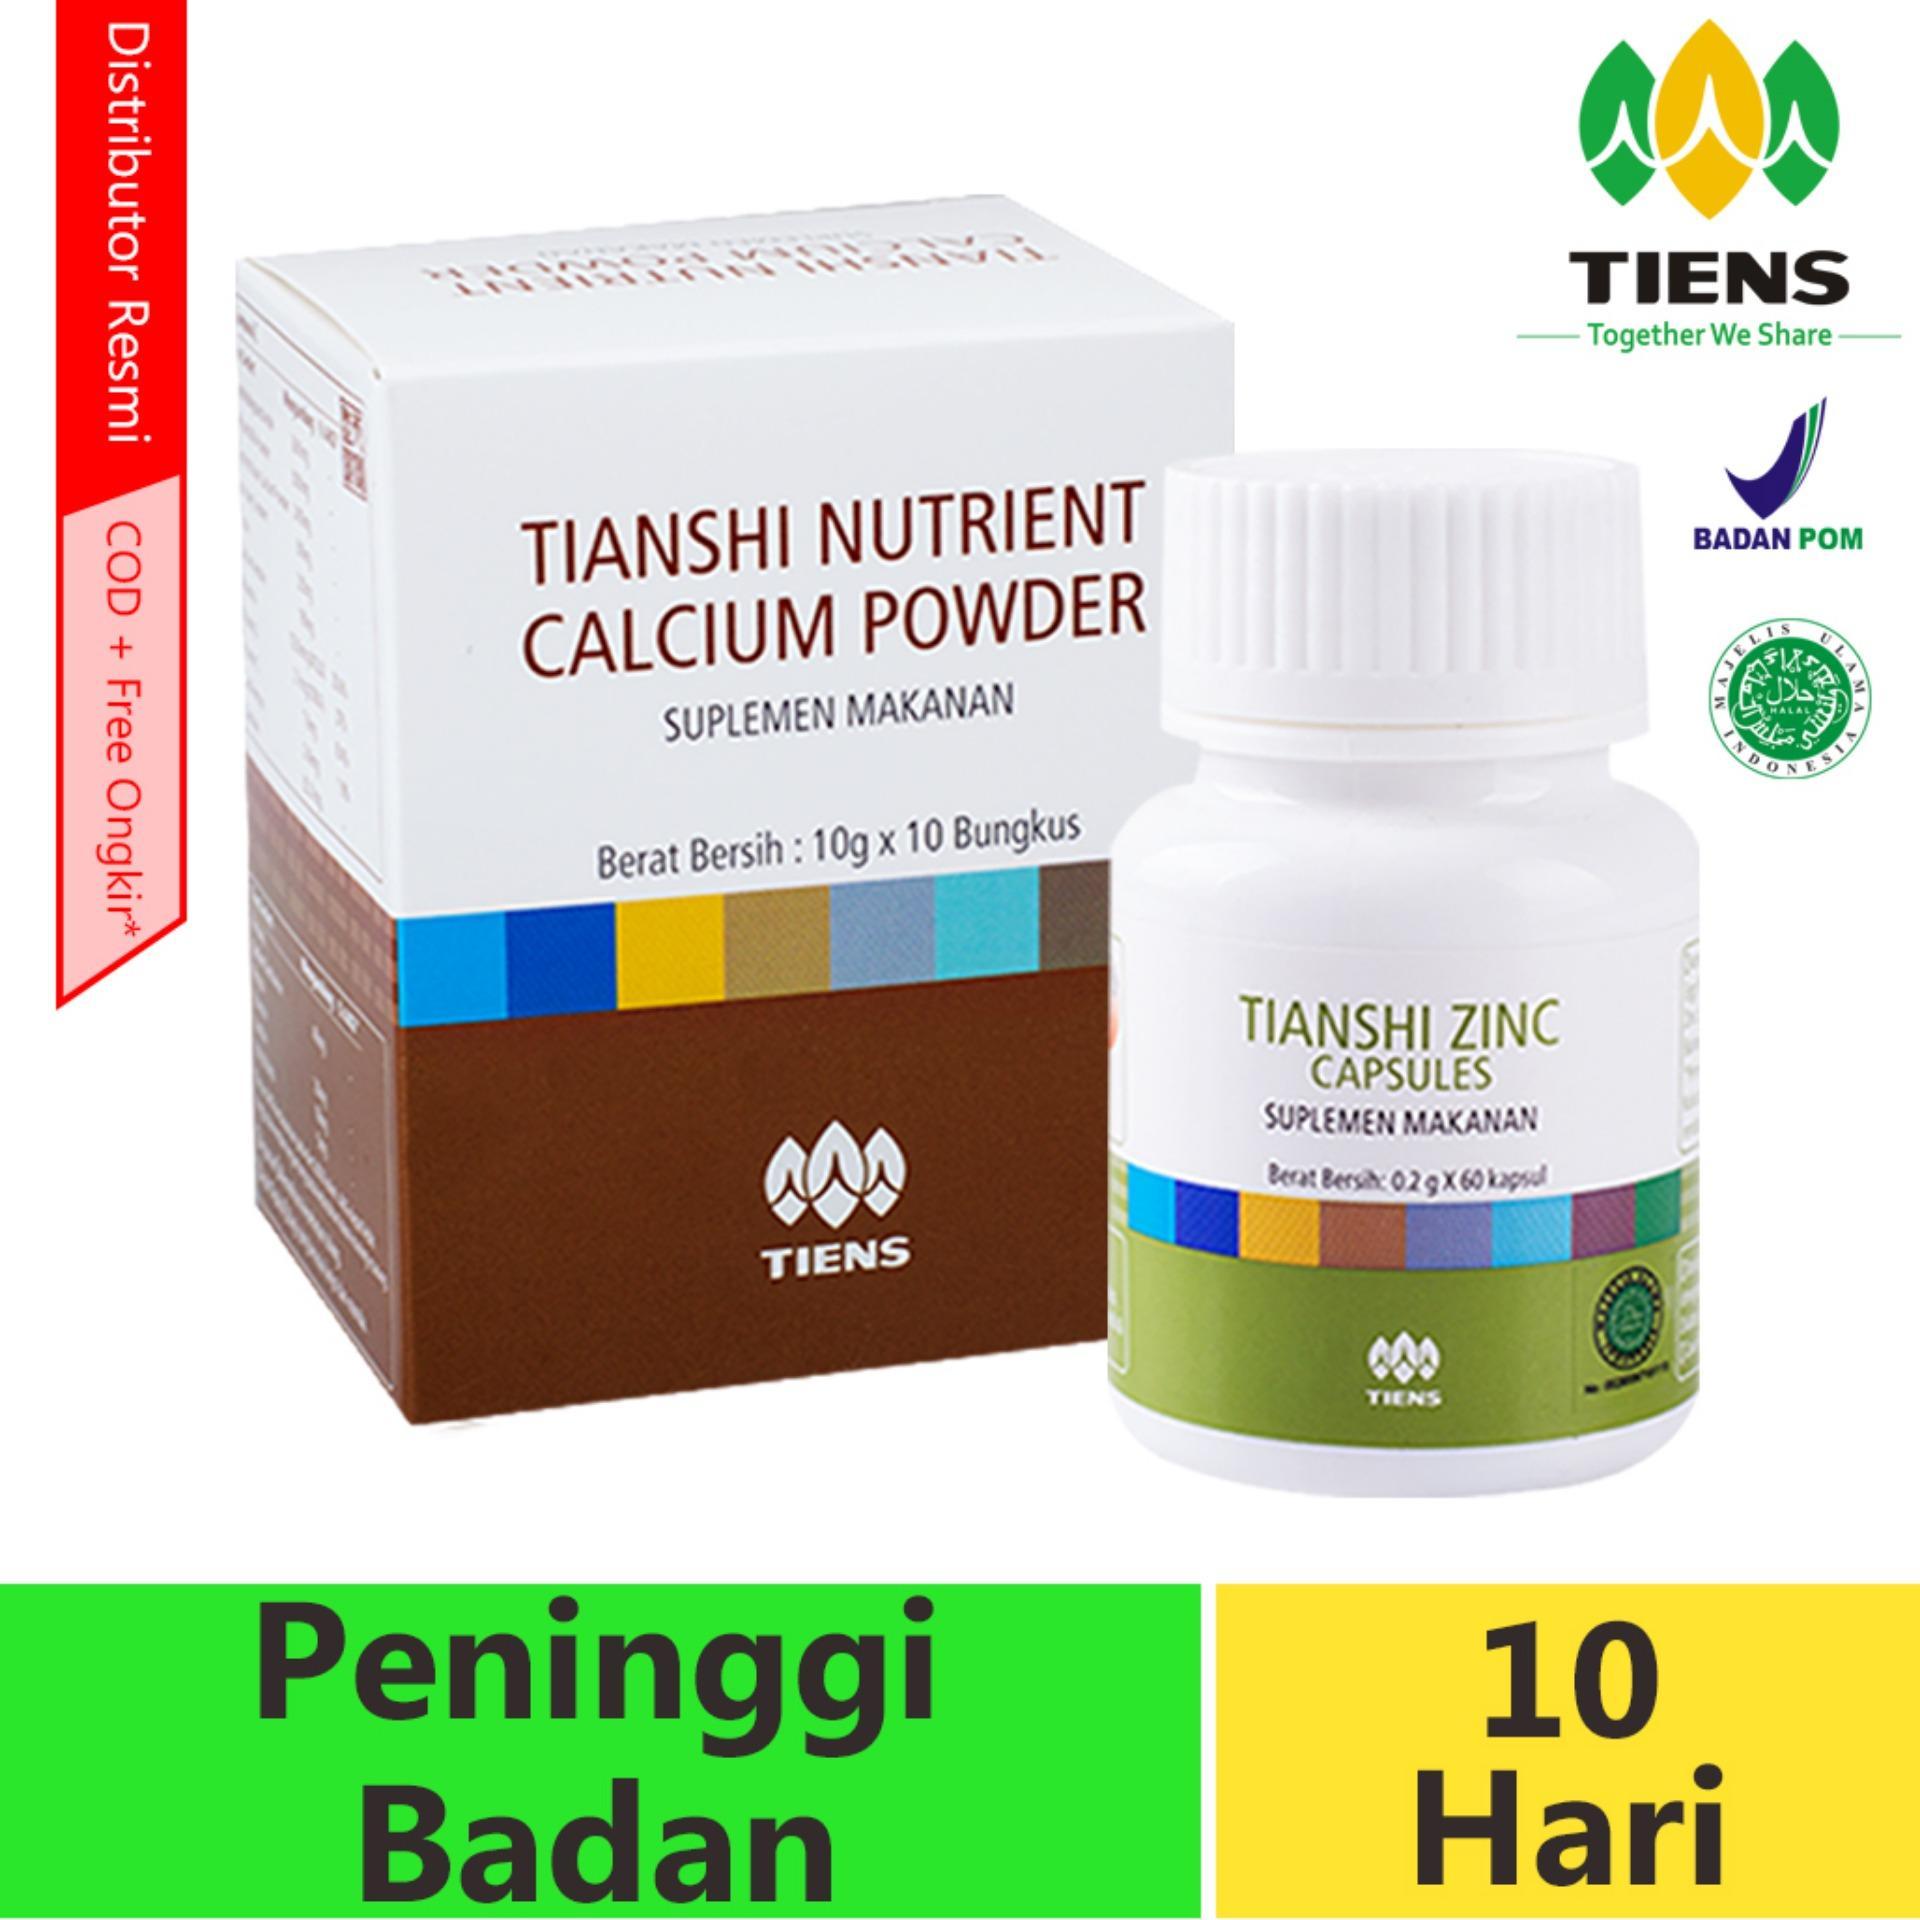 Peninggi Badan Tiens / Obat Peninggi Badan / Tiens Nutrient High Calsium Powder Dan Zinc PROMO